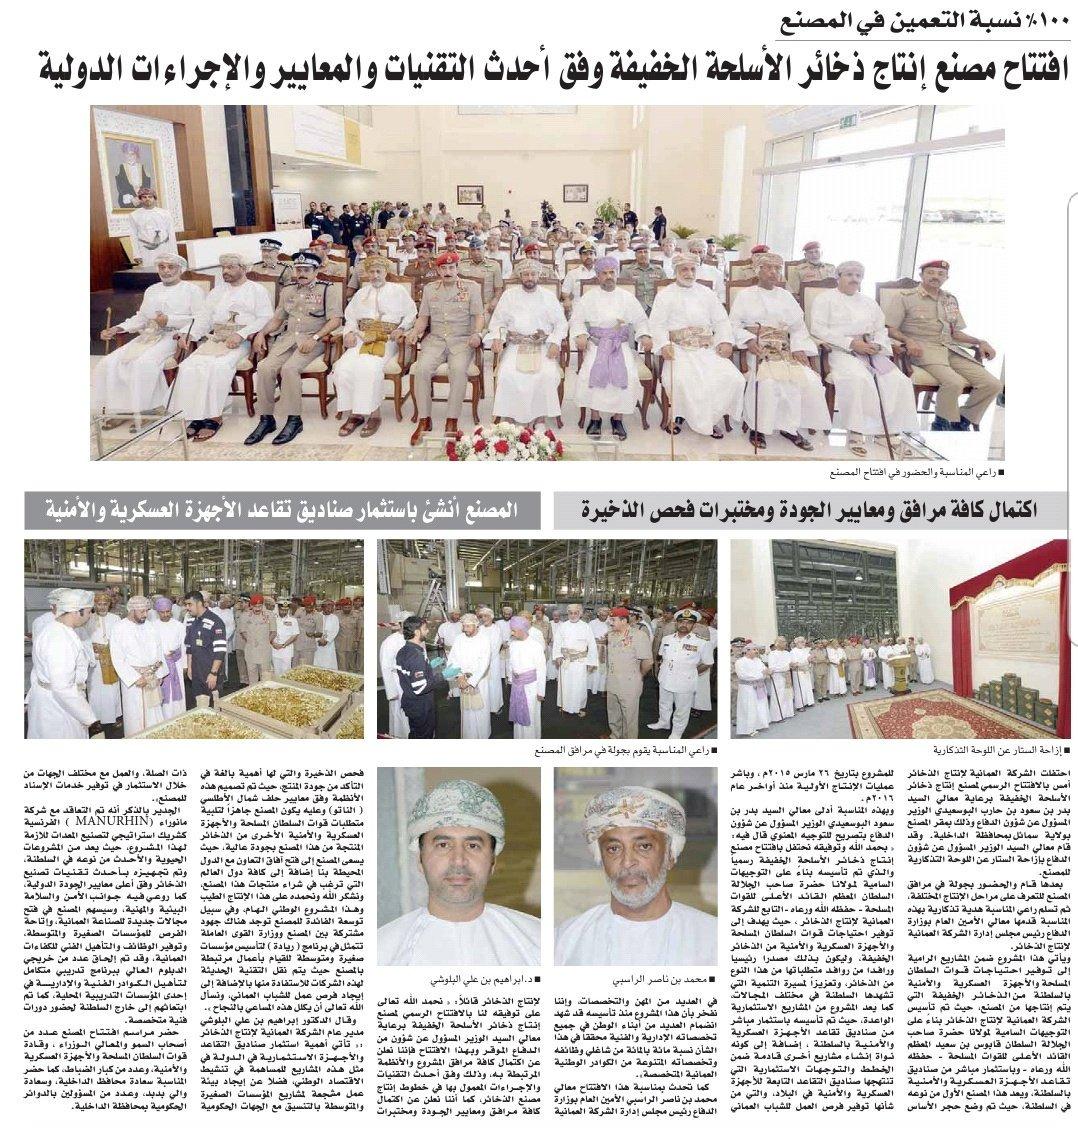 افتتاح مصنع لإنتاج ذخائر الأسلحة الخفيفة في سلطنة عمان باستثمار من صناديق تقاعد الأجهزة العسكرية والأمنية   DdYKkIhWsAEo9_O